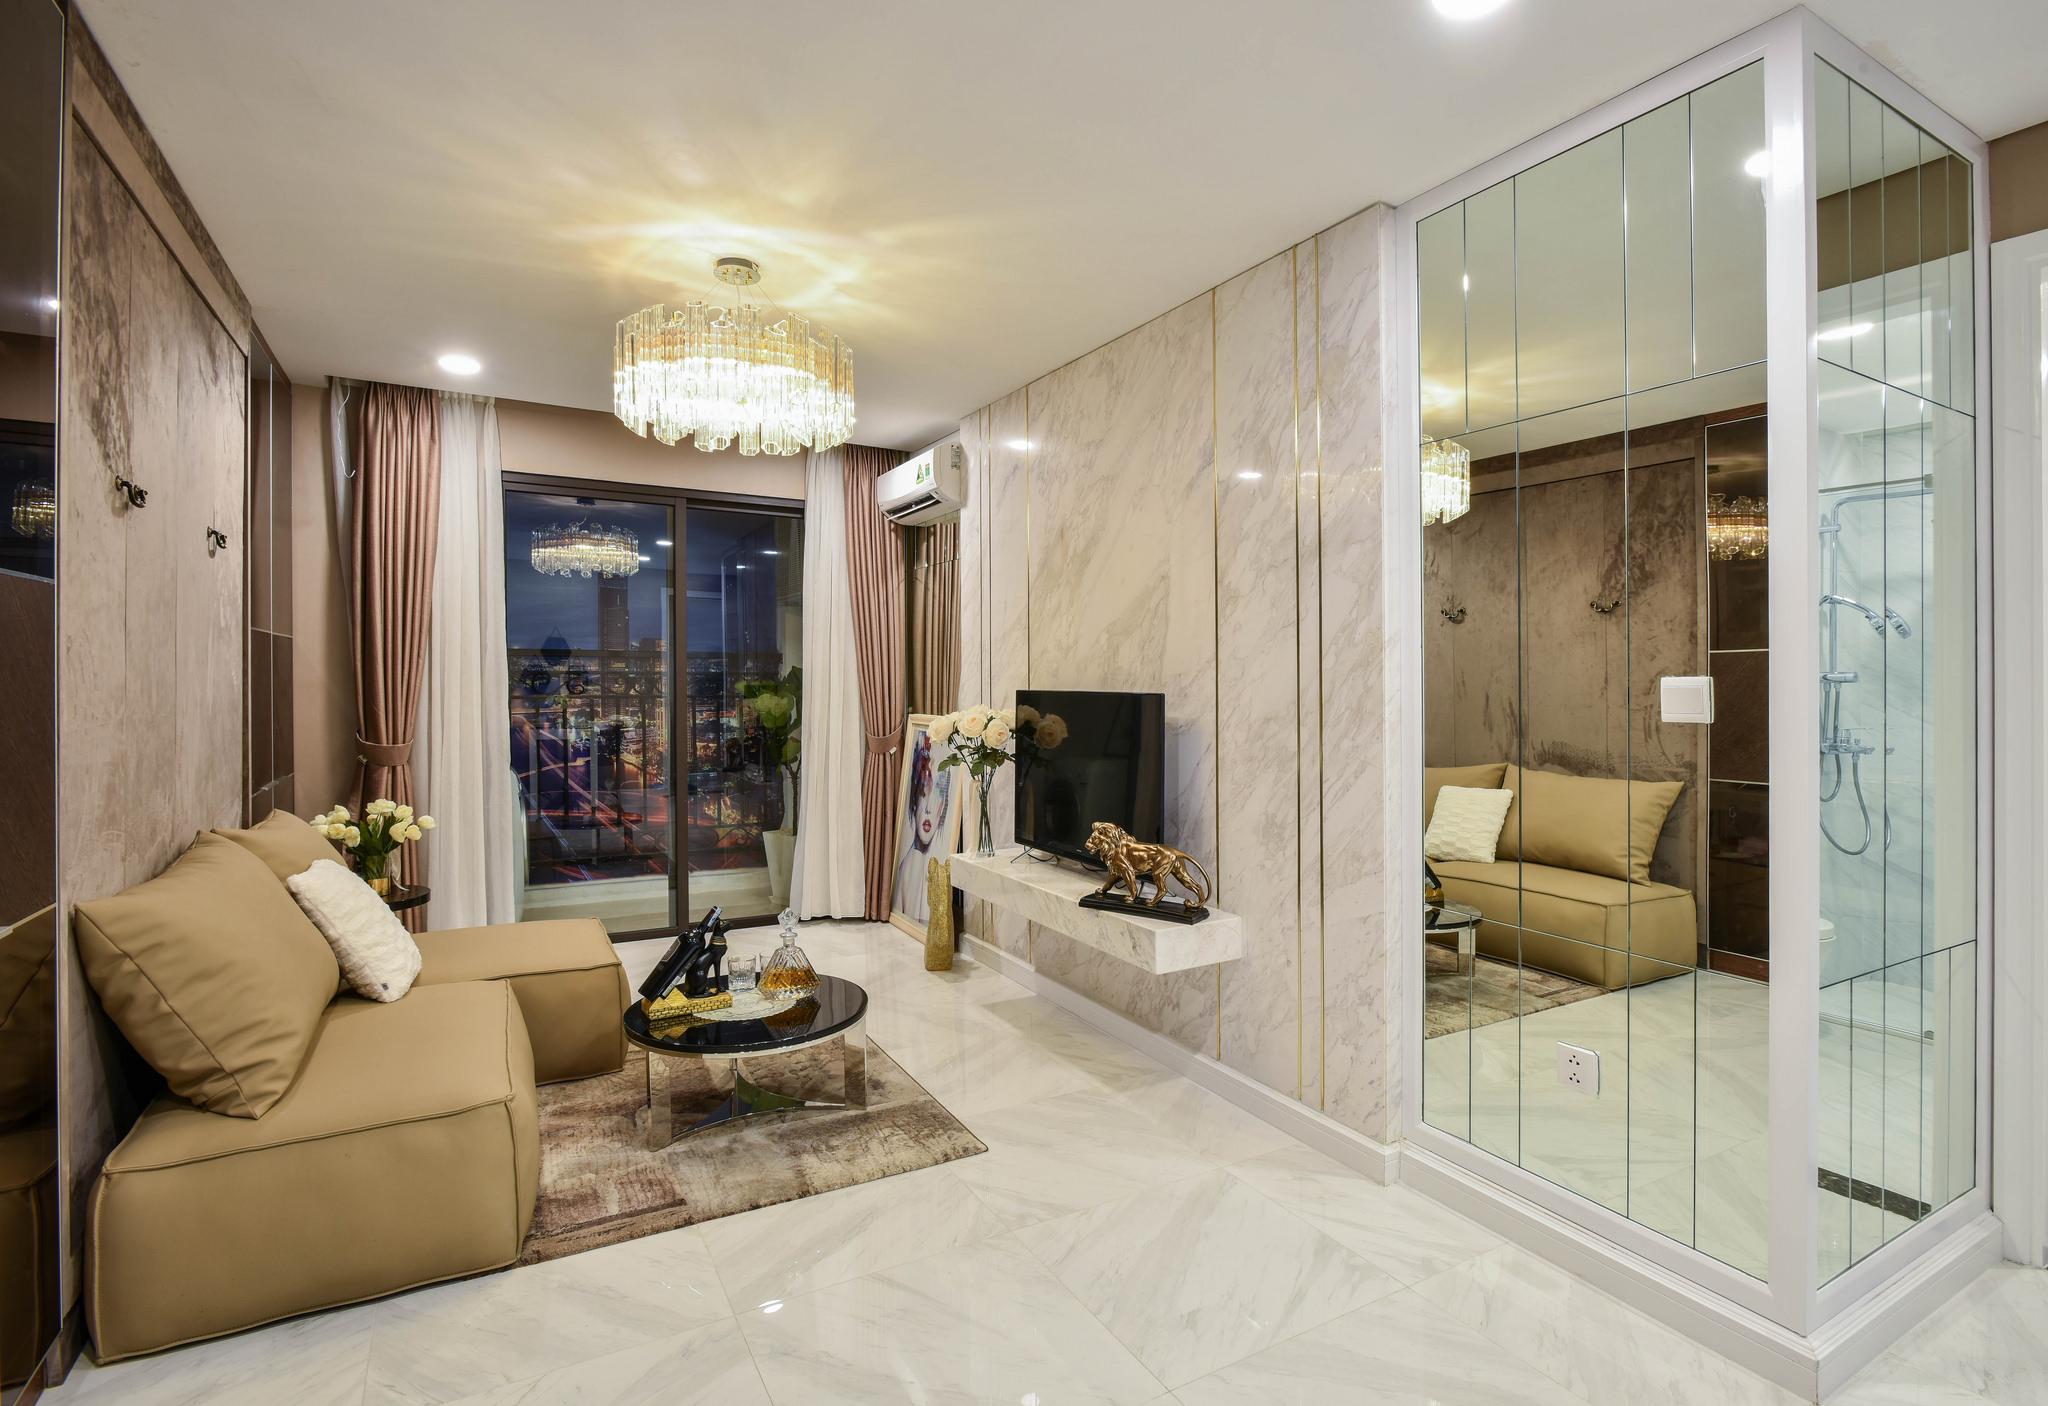 Bất động sản Hà Nội hấp dẫn nhà đầu tư quốc tế - Ảnh 3